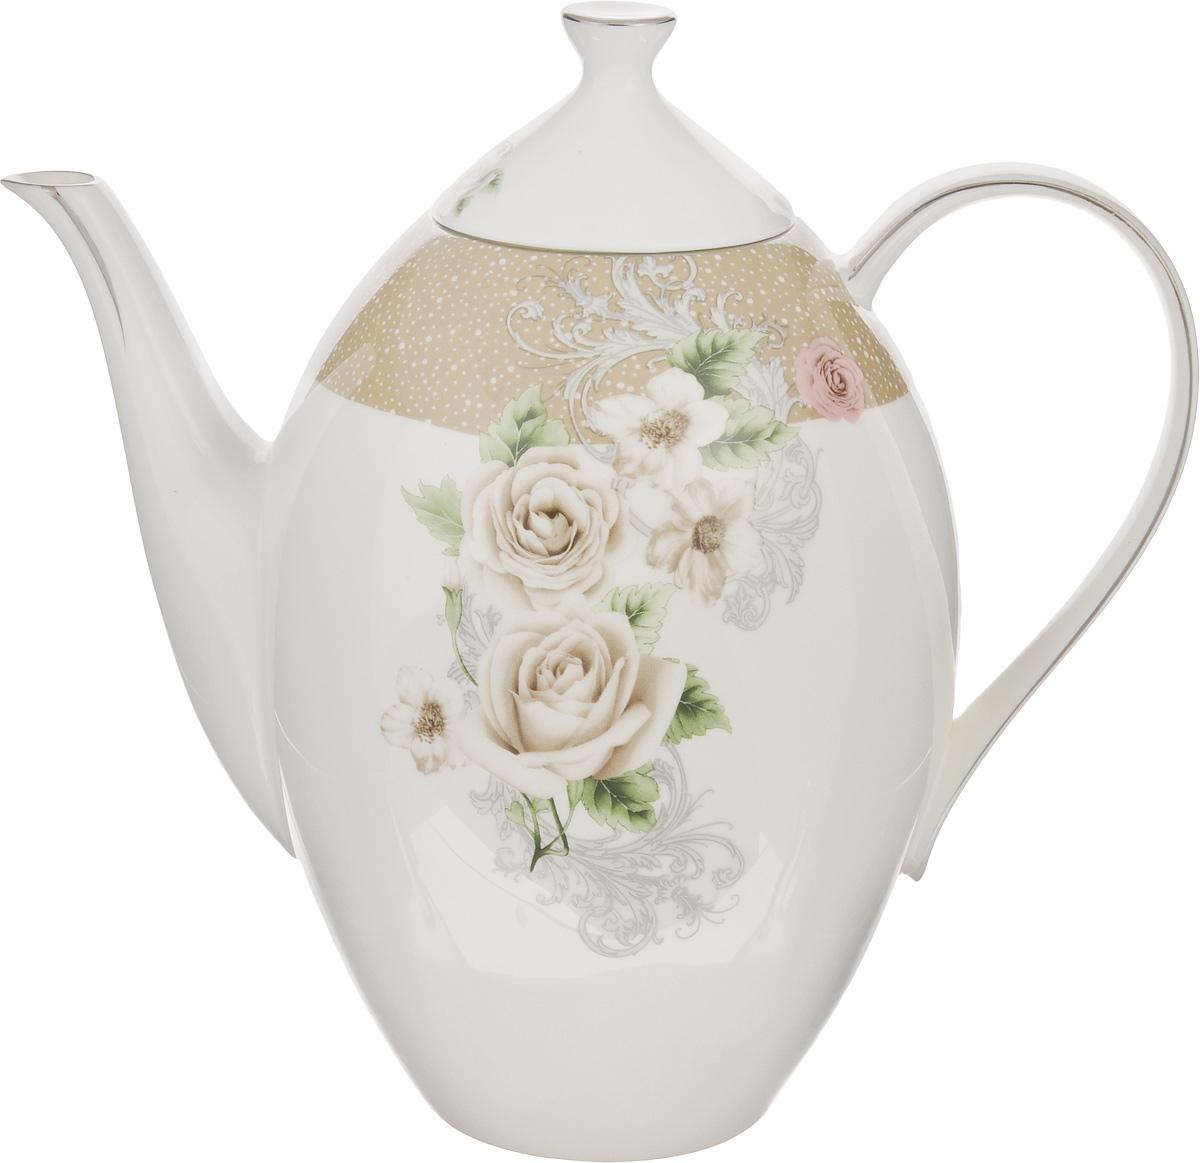 Чайник заварочный Family & Friends Florance, 1,3 лPR7994Заварочный чайник Family & Friends Florance изготовлен из фарфора и оформлен оригинальным цветочным узором. Такой чайник прекрасно дополнит сервировку стола к чаепитию и станет его неизменным атрибутом. Объем: 1,3 л. Диаметр (по верхнему краю): 6 см. Высота стенки (без учета крышки): 17 см.